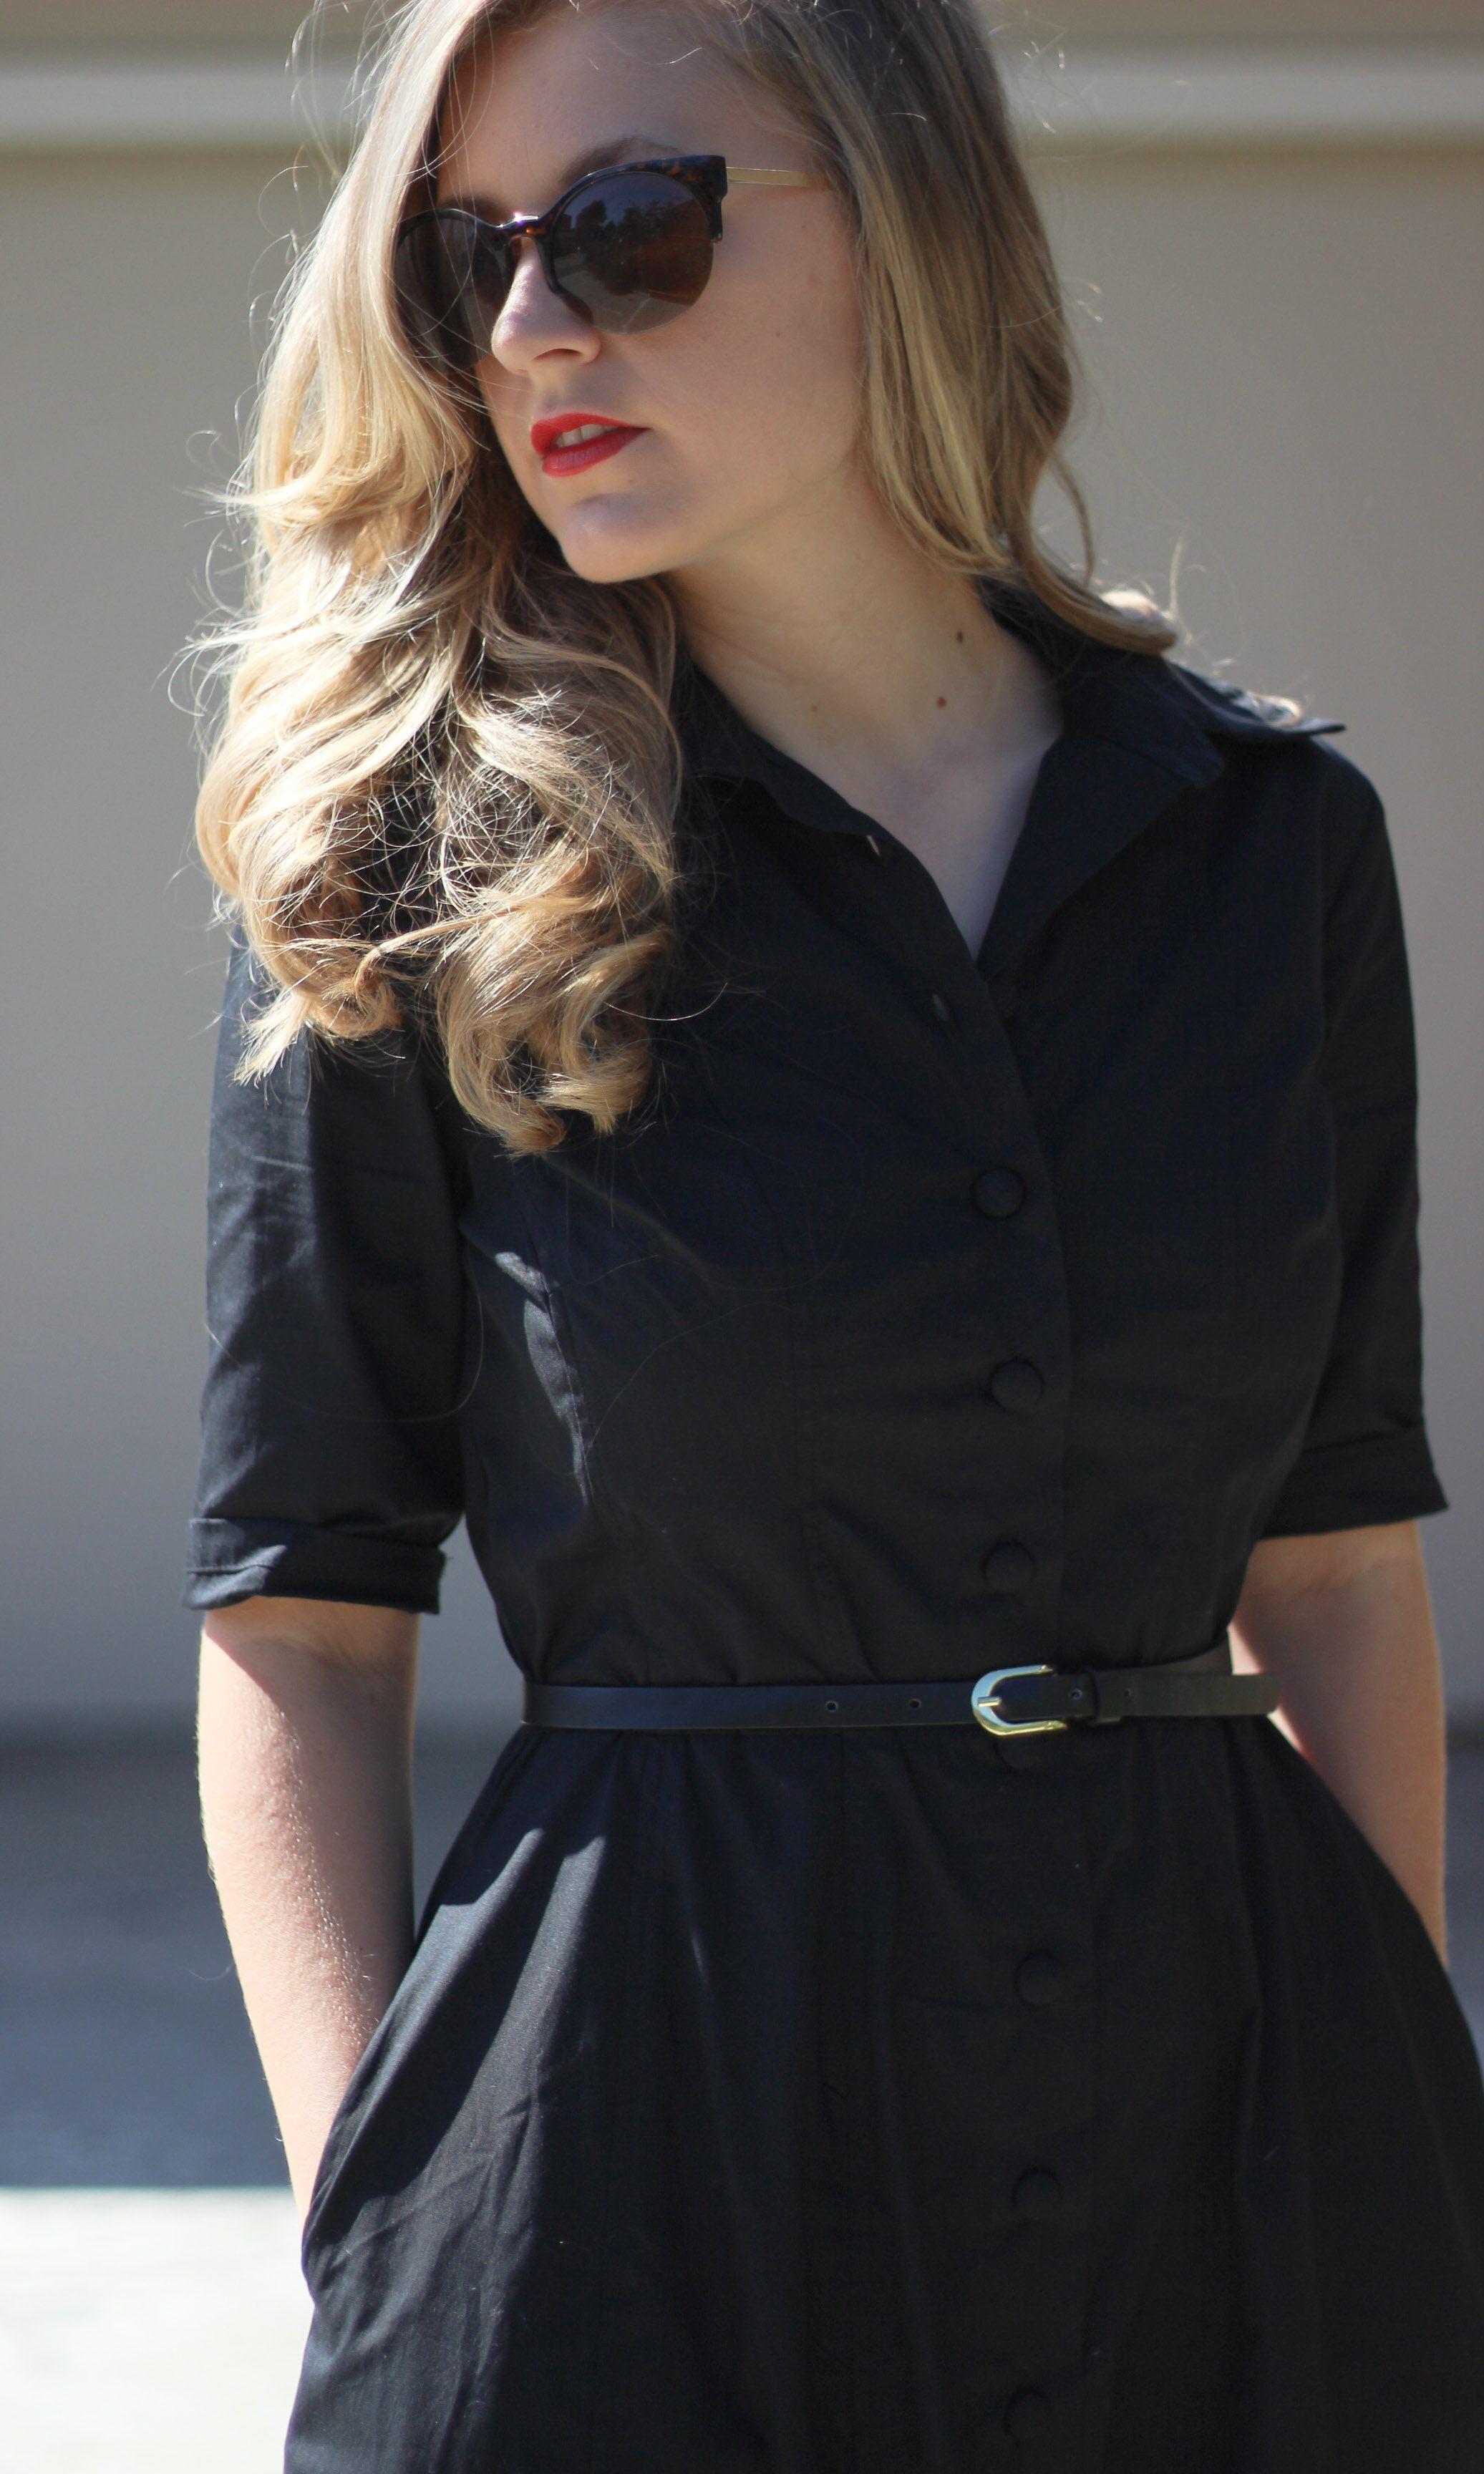 Like She Used to Wear on Beauty and the Beach - ft Black Custom Dress from eShakti